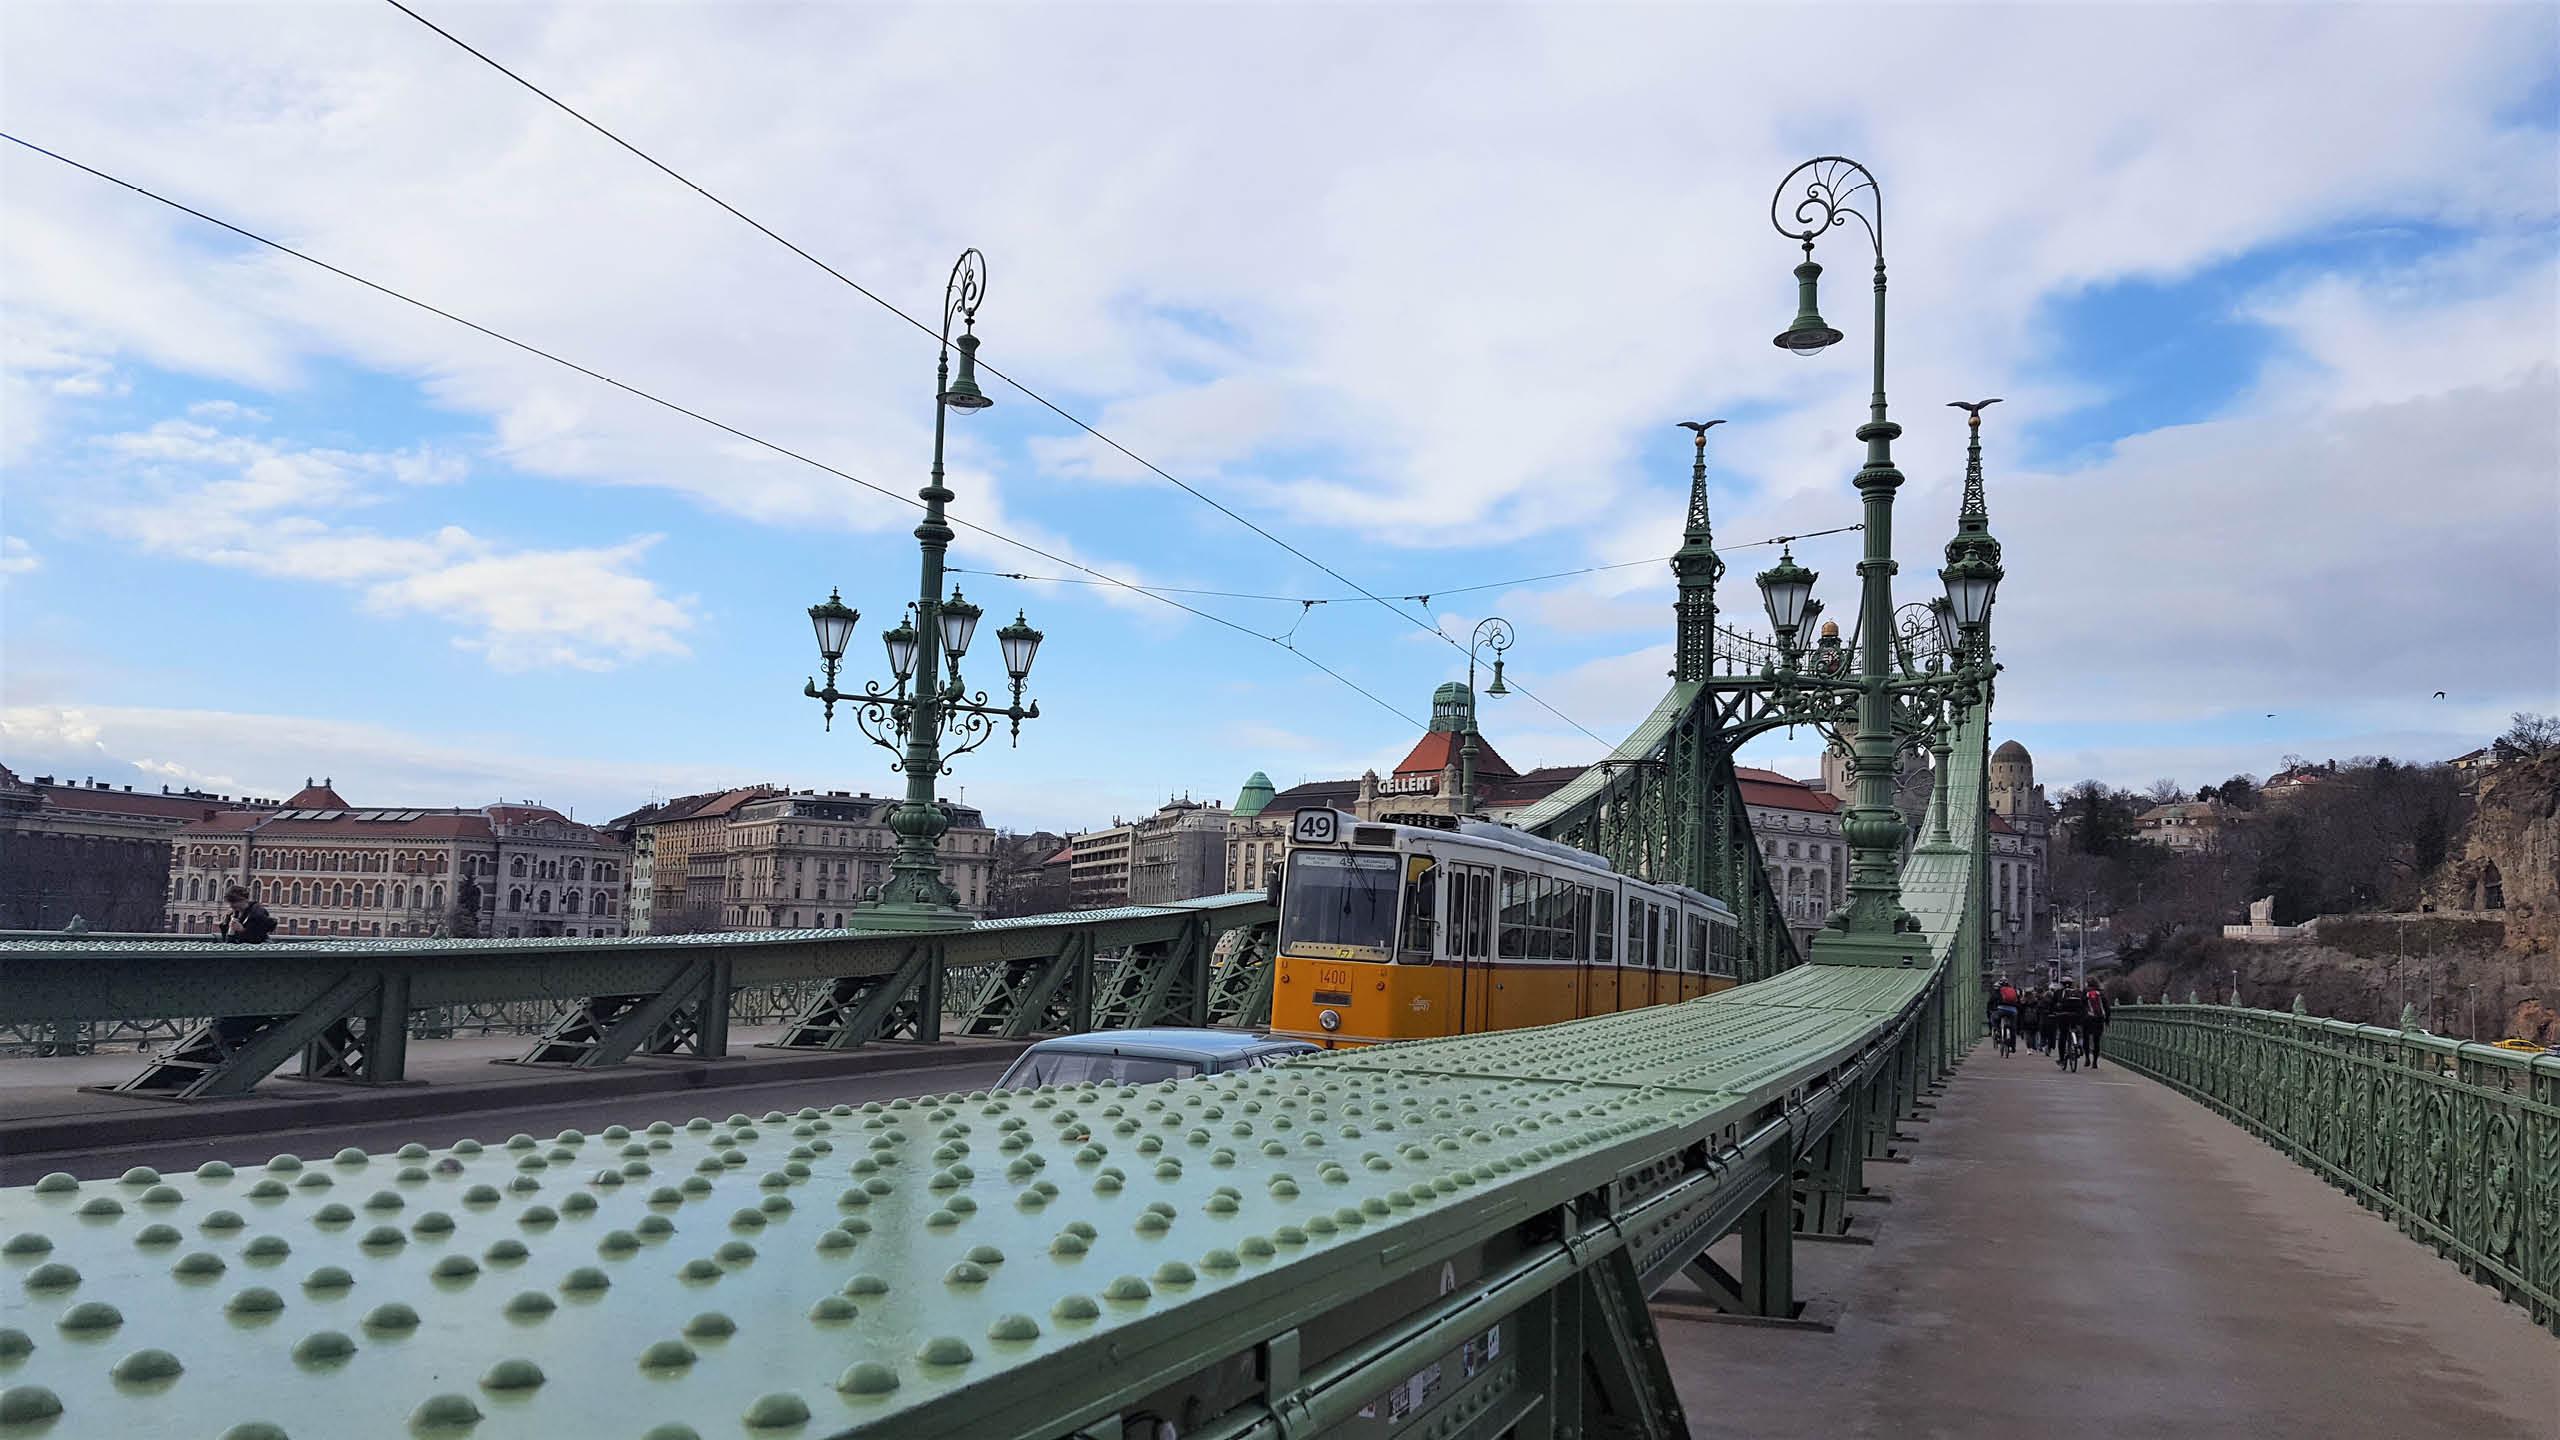 EXKURSION BUDAPEST / WIEN